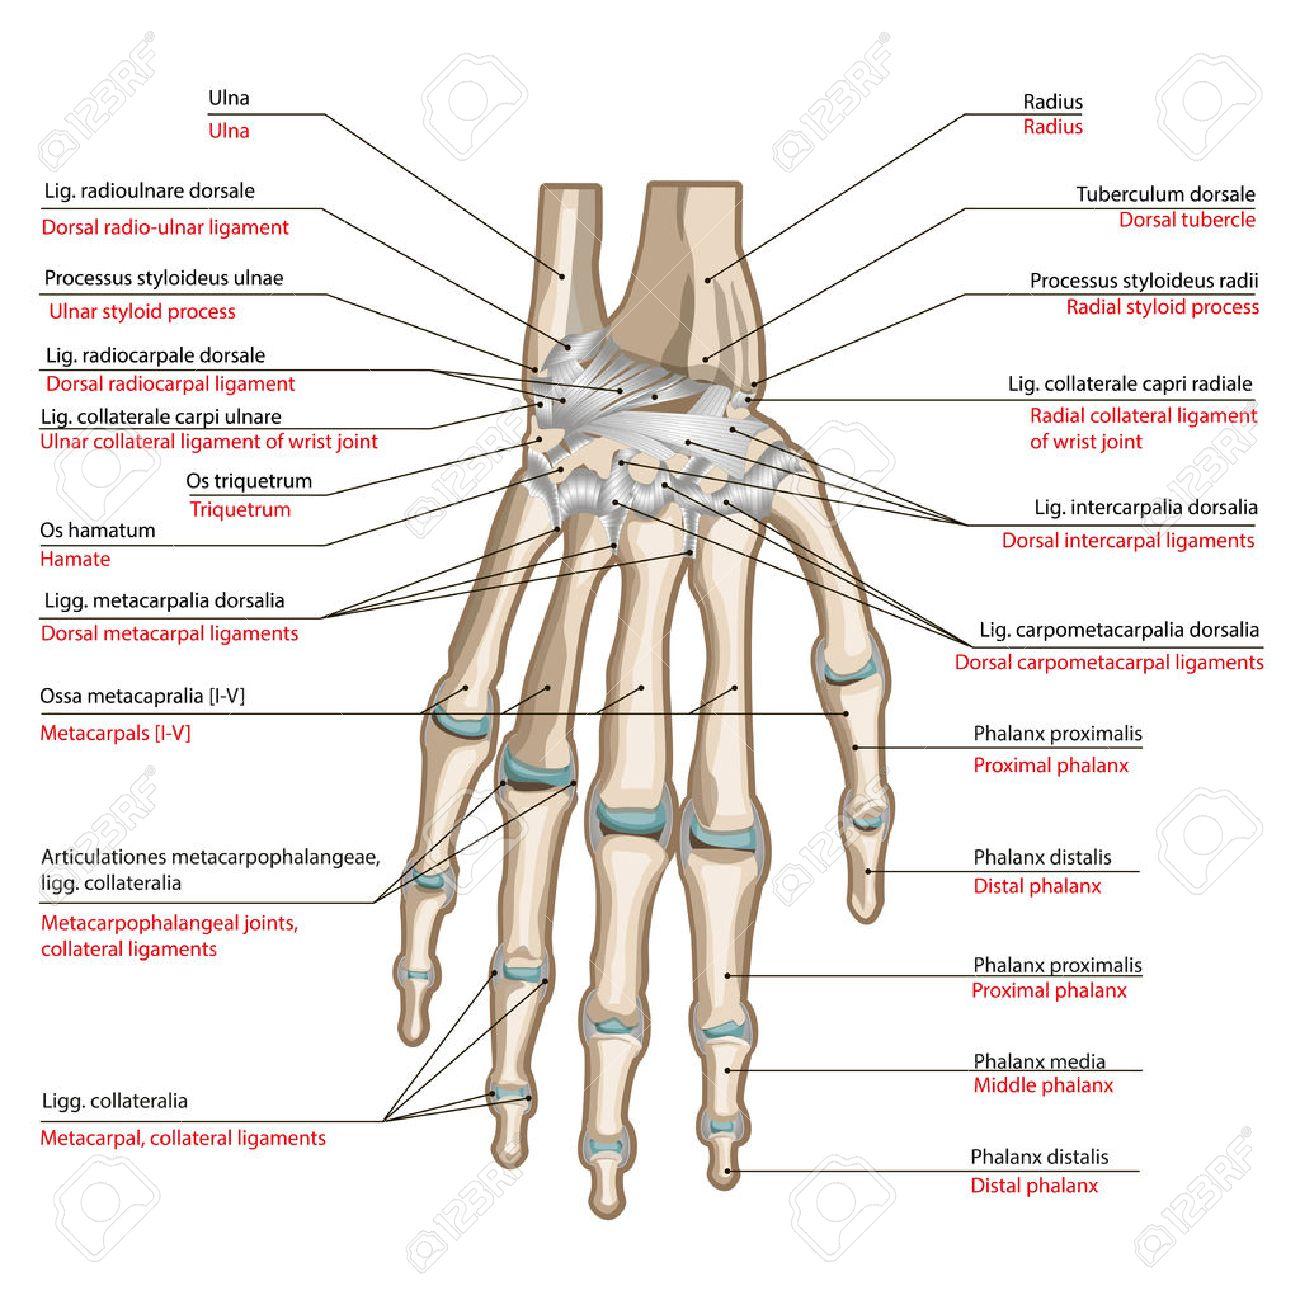 Knochen Und Bänder Der Rückseite Der Hand. Medizinisches Plakat ...